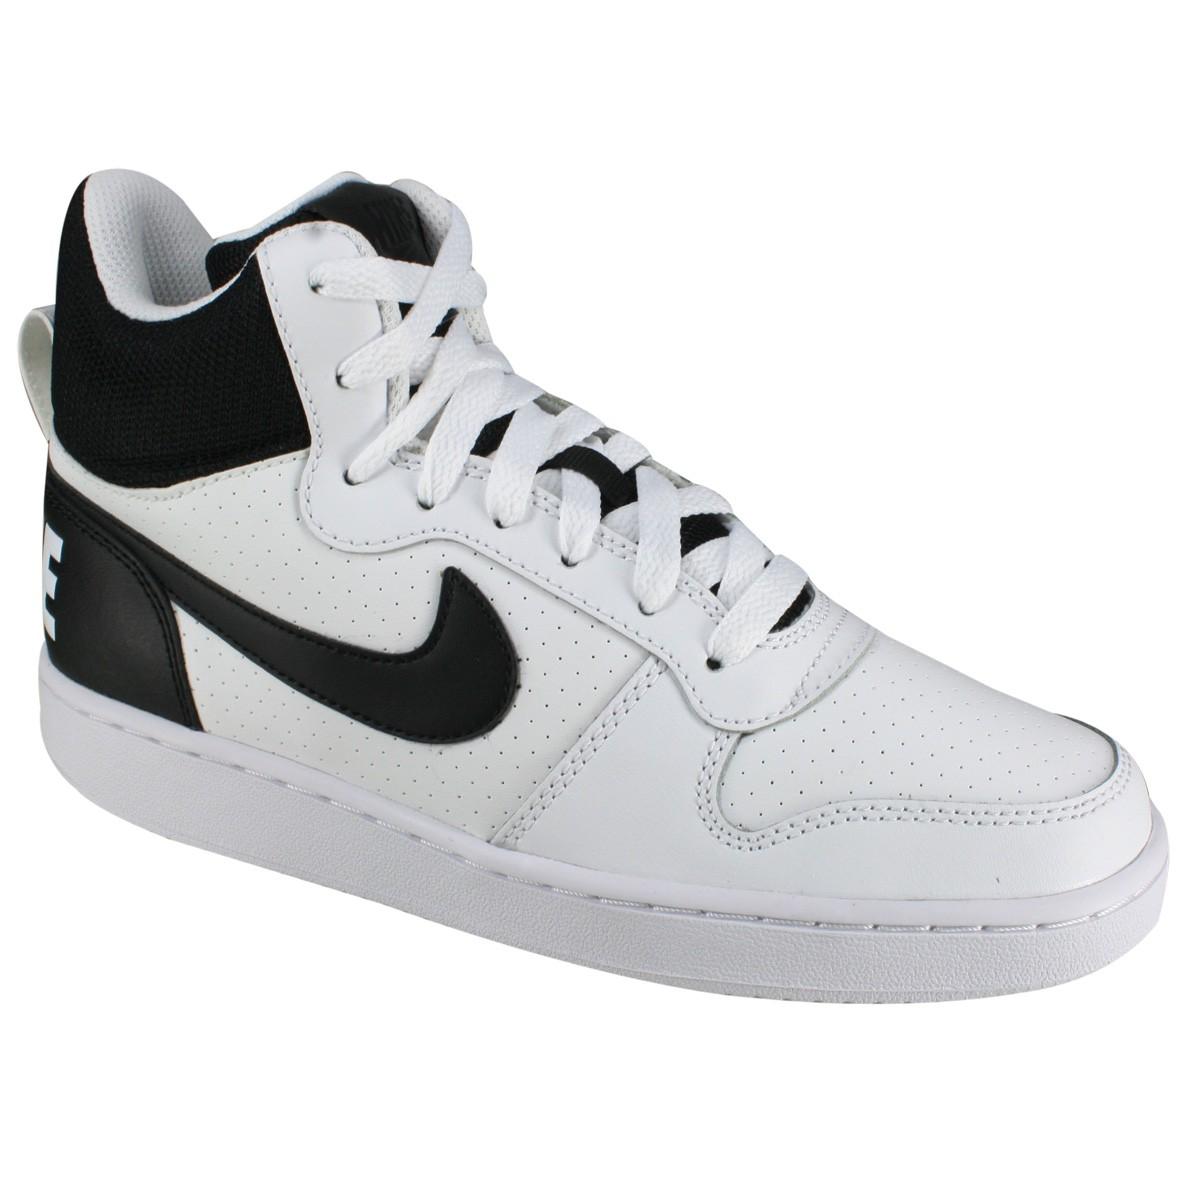 896b9f6f7 Tênis Nike Court Borough 838938-100 - Branco Preto - Calçados Online ...